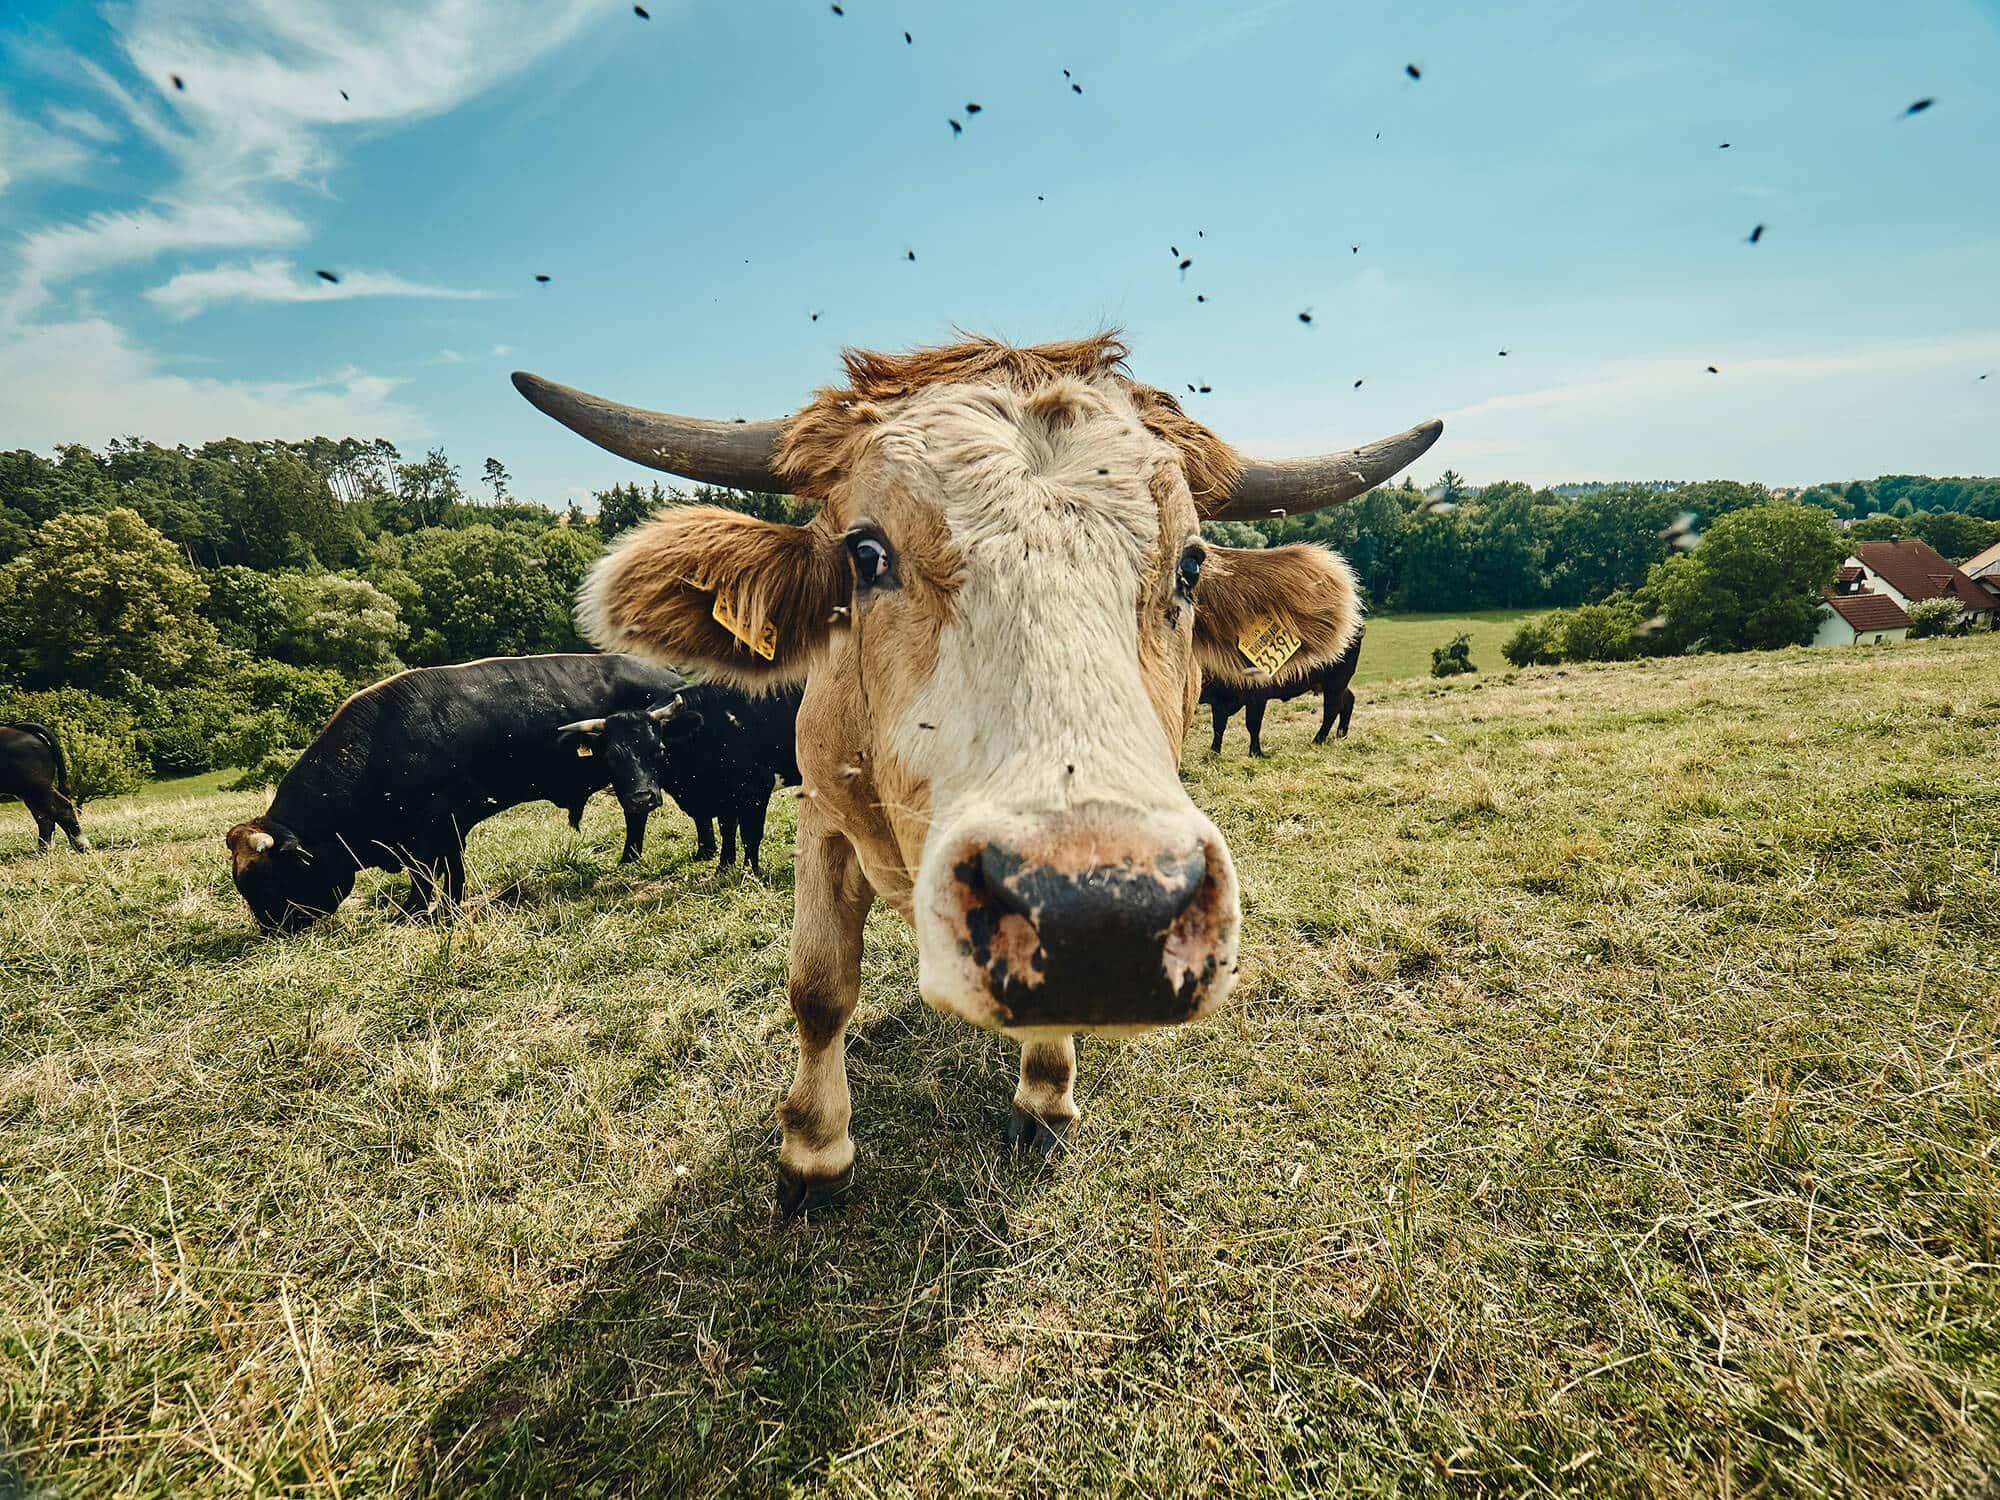 Rinder in Freilandhaltung – Bauernhof Fetz